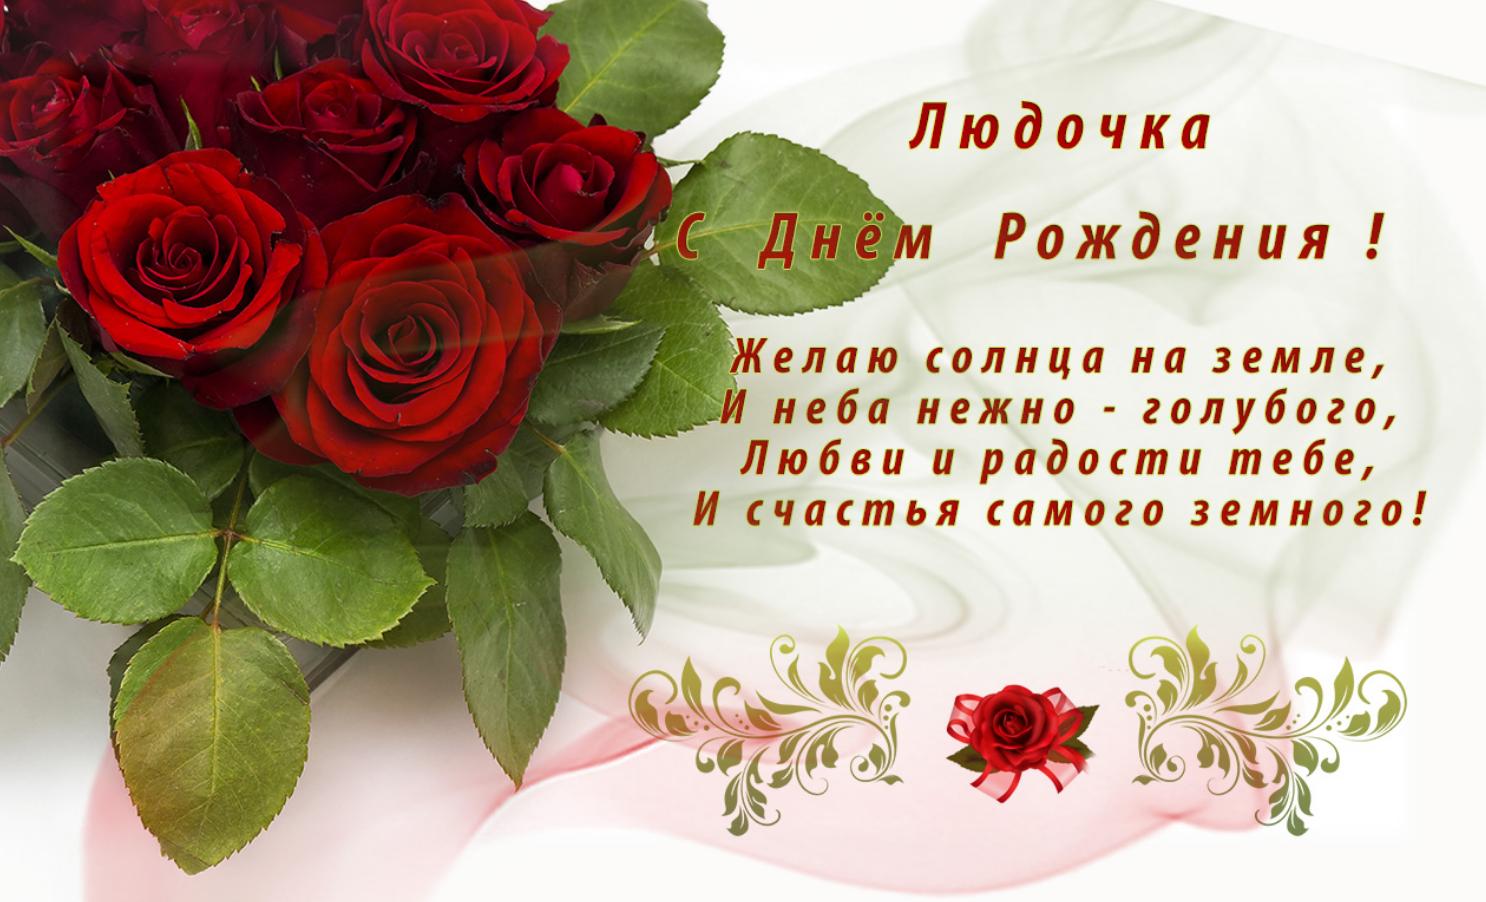 Поздравление людмиле с днем рождения в стихах красивые короткие